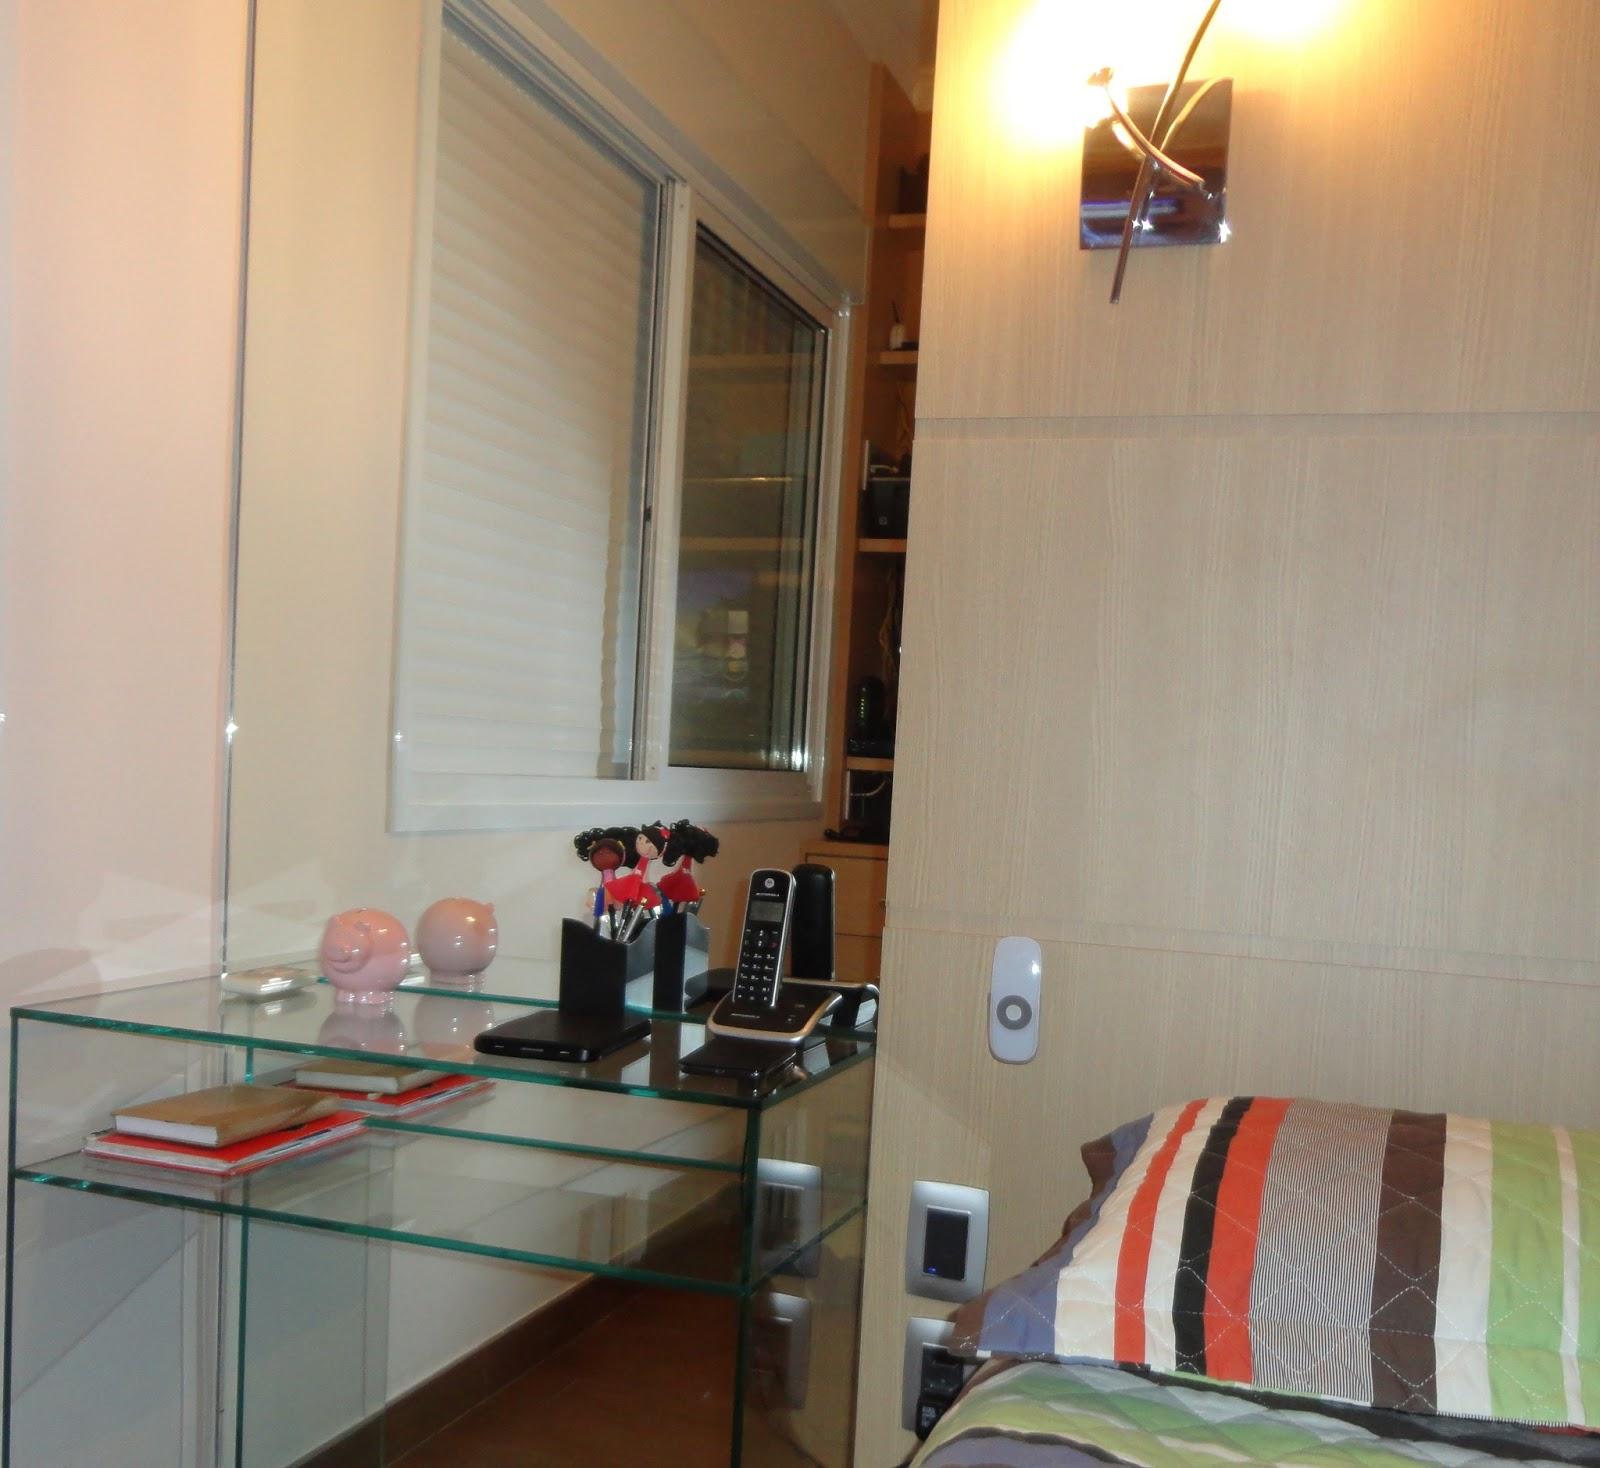 reforma de nossa casa: Quarto integrado ao banheiro: um charme! #9F3B2C 1600 1468